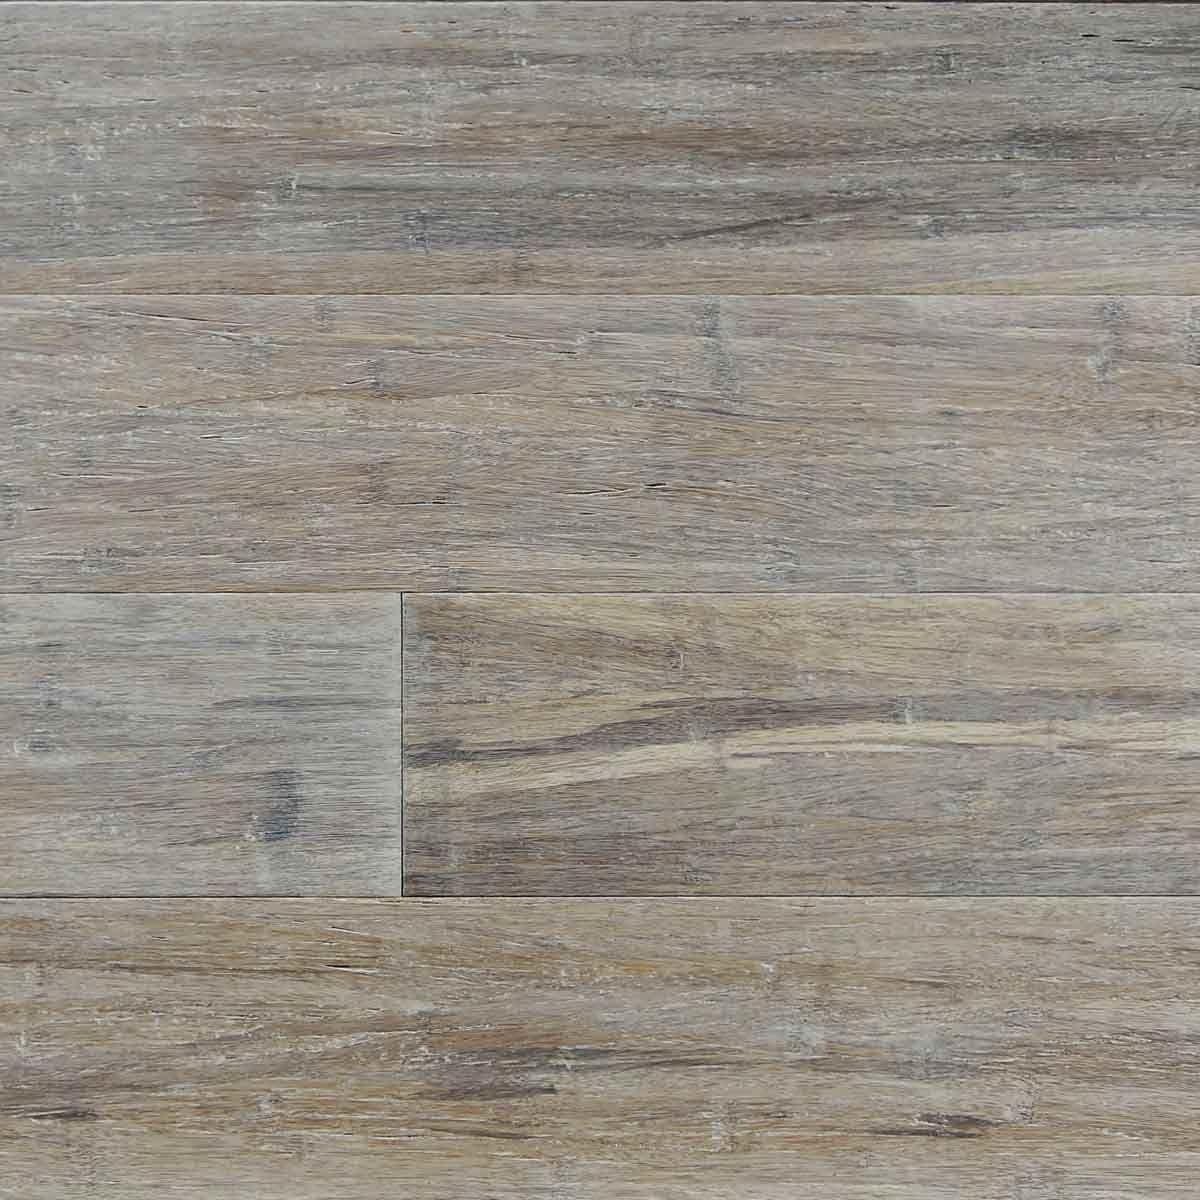 Strand woven bamboo flooring embelton flooring floors